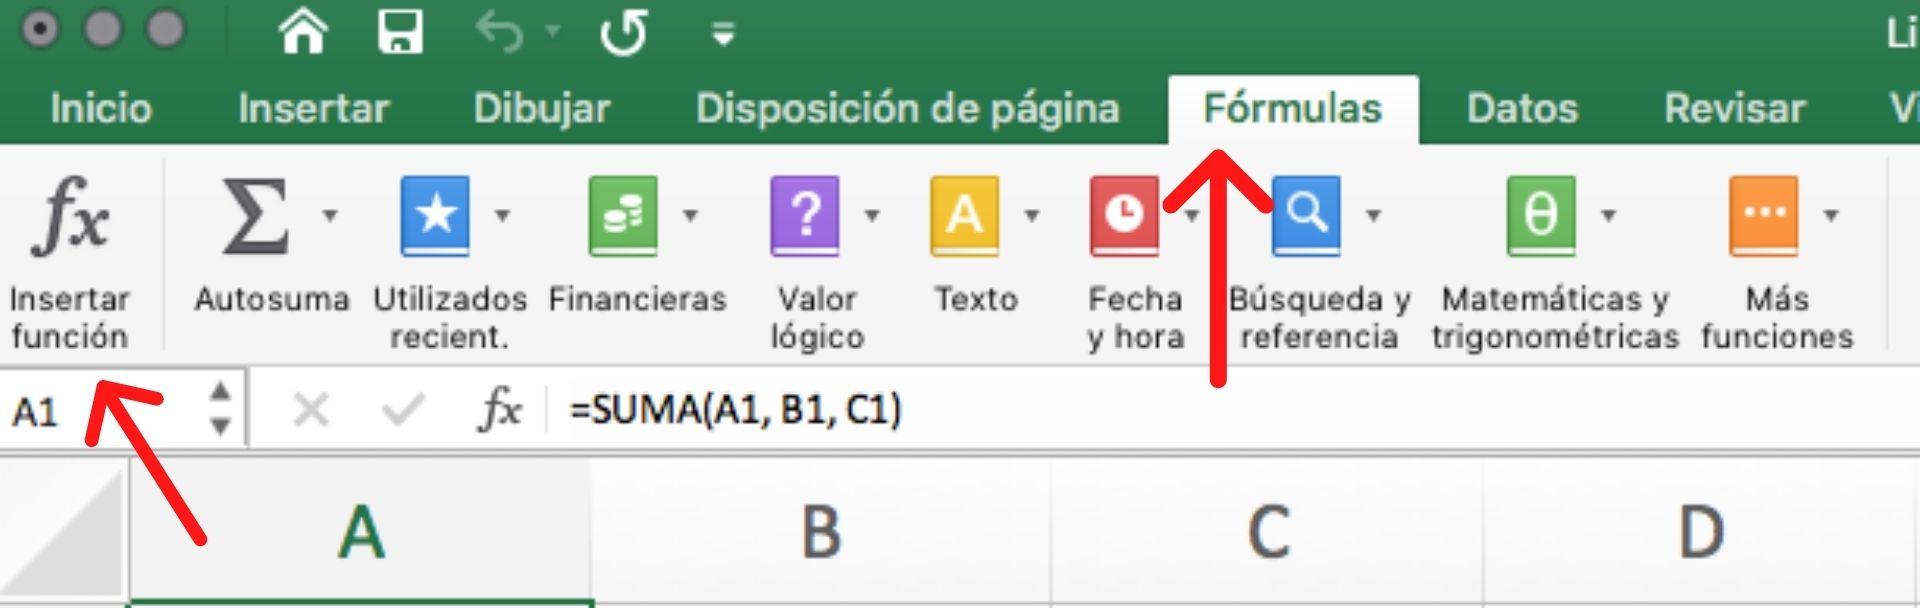 Insertar función para resolver uno de los tipos de errores comunes en Excel